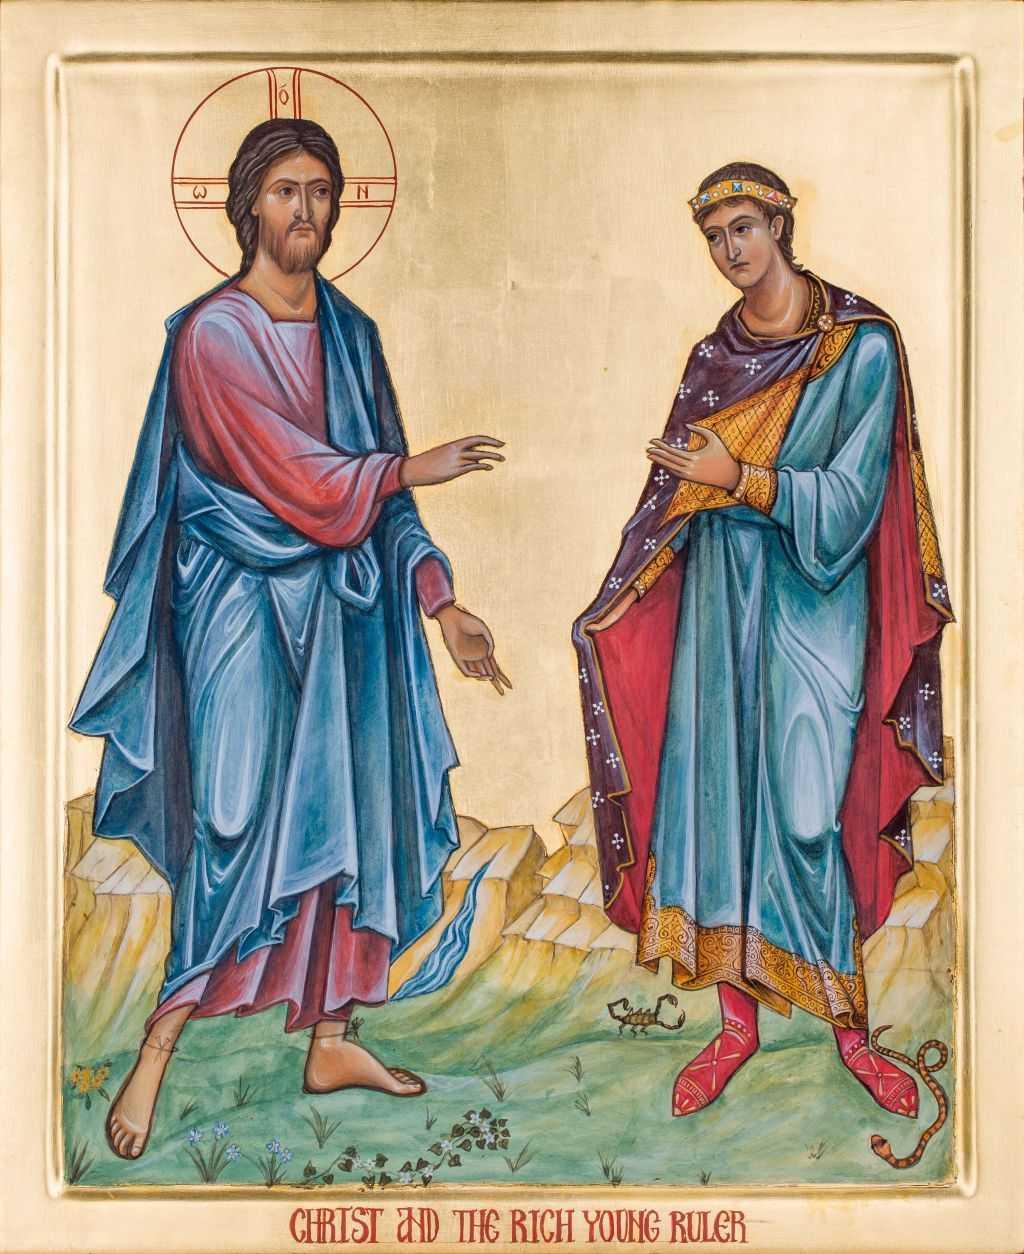 LECTIILE INTALNIRII LUI IISUS CU TANARUL BOGAT: <i>&#8220;Hristos nu a avut comportamentul cuiva care cauta cu orice pret sa-si atraga sustinatori, ci a preferat sa spuna adevarul celui din fata sa, fara niciun fel de menajamente, dar si fara a-l agasa&#8230;.&#8221;</i>. REFUZUL LINGUSIRII SI AL COMPROMISULUI DUHOVNICESC, DAR SI AL INCALCARII LIBERTATII CELUILALT